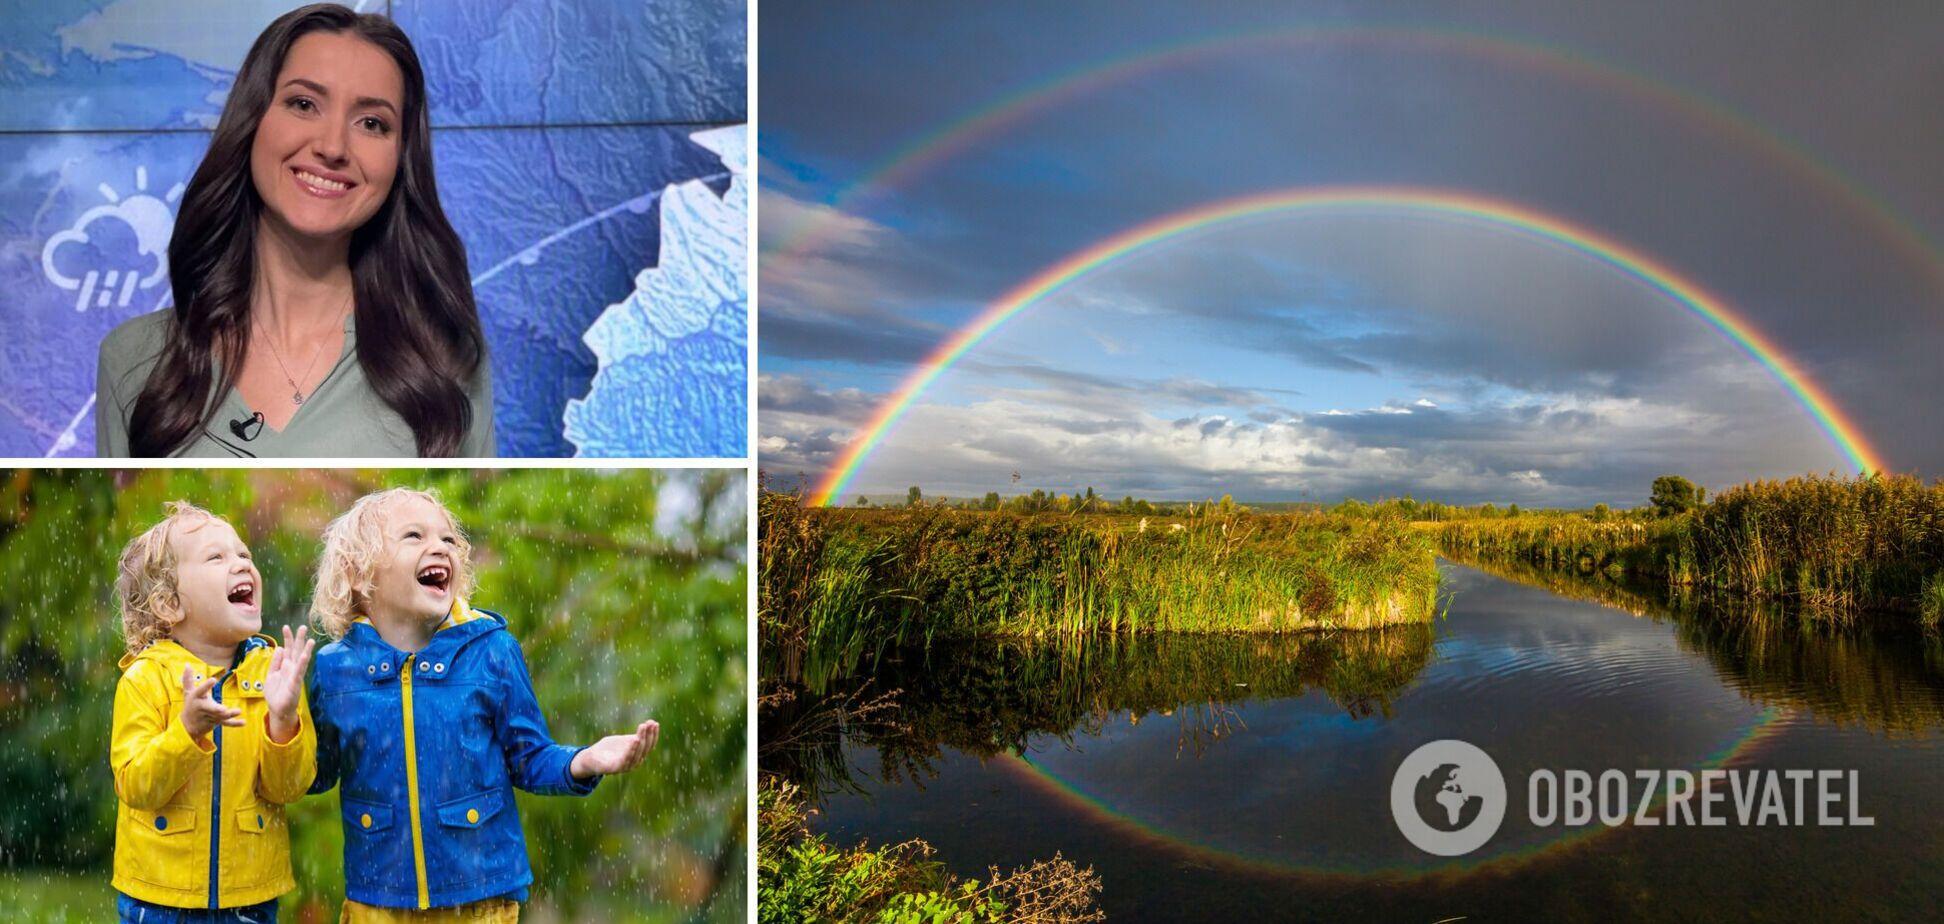 Холодный конец лета и жаркое 1 сентября: в Гидрометцентре уточнили прогноз погоды